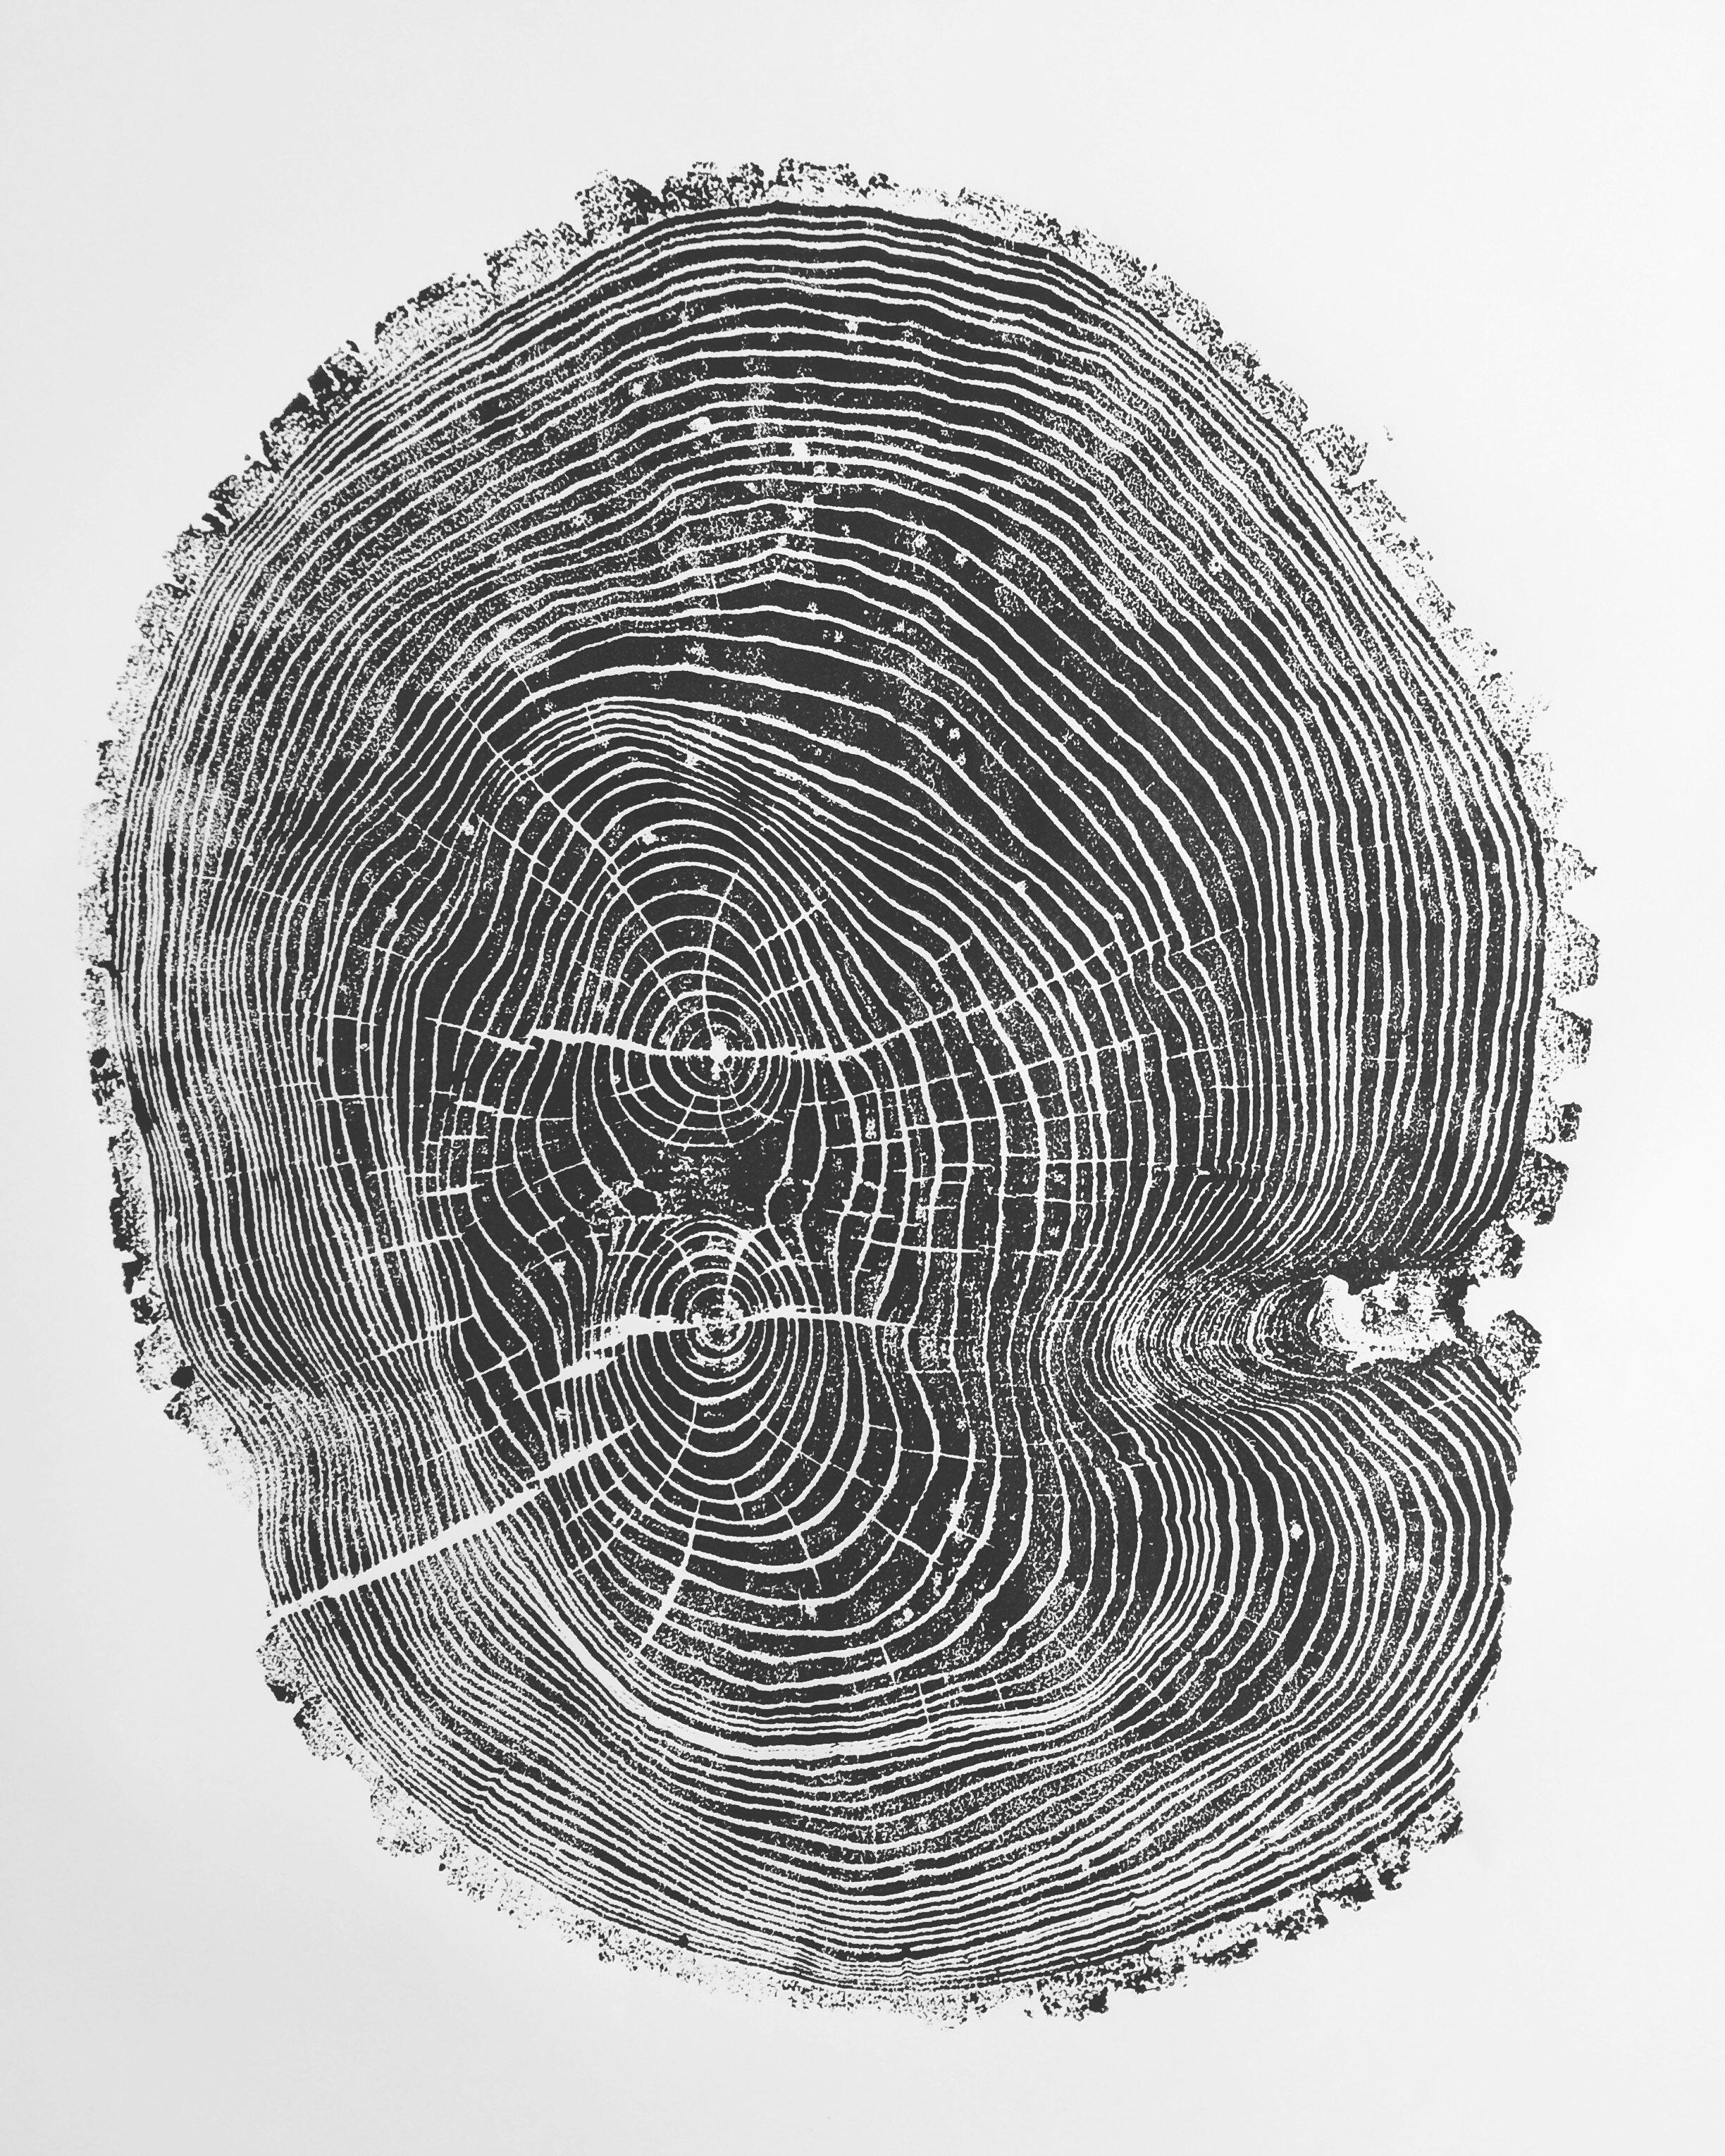 Lintonart Origional Handmade Woodblock Print Of Tree Ring From